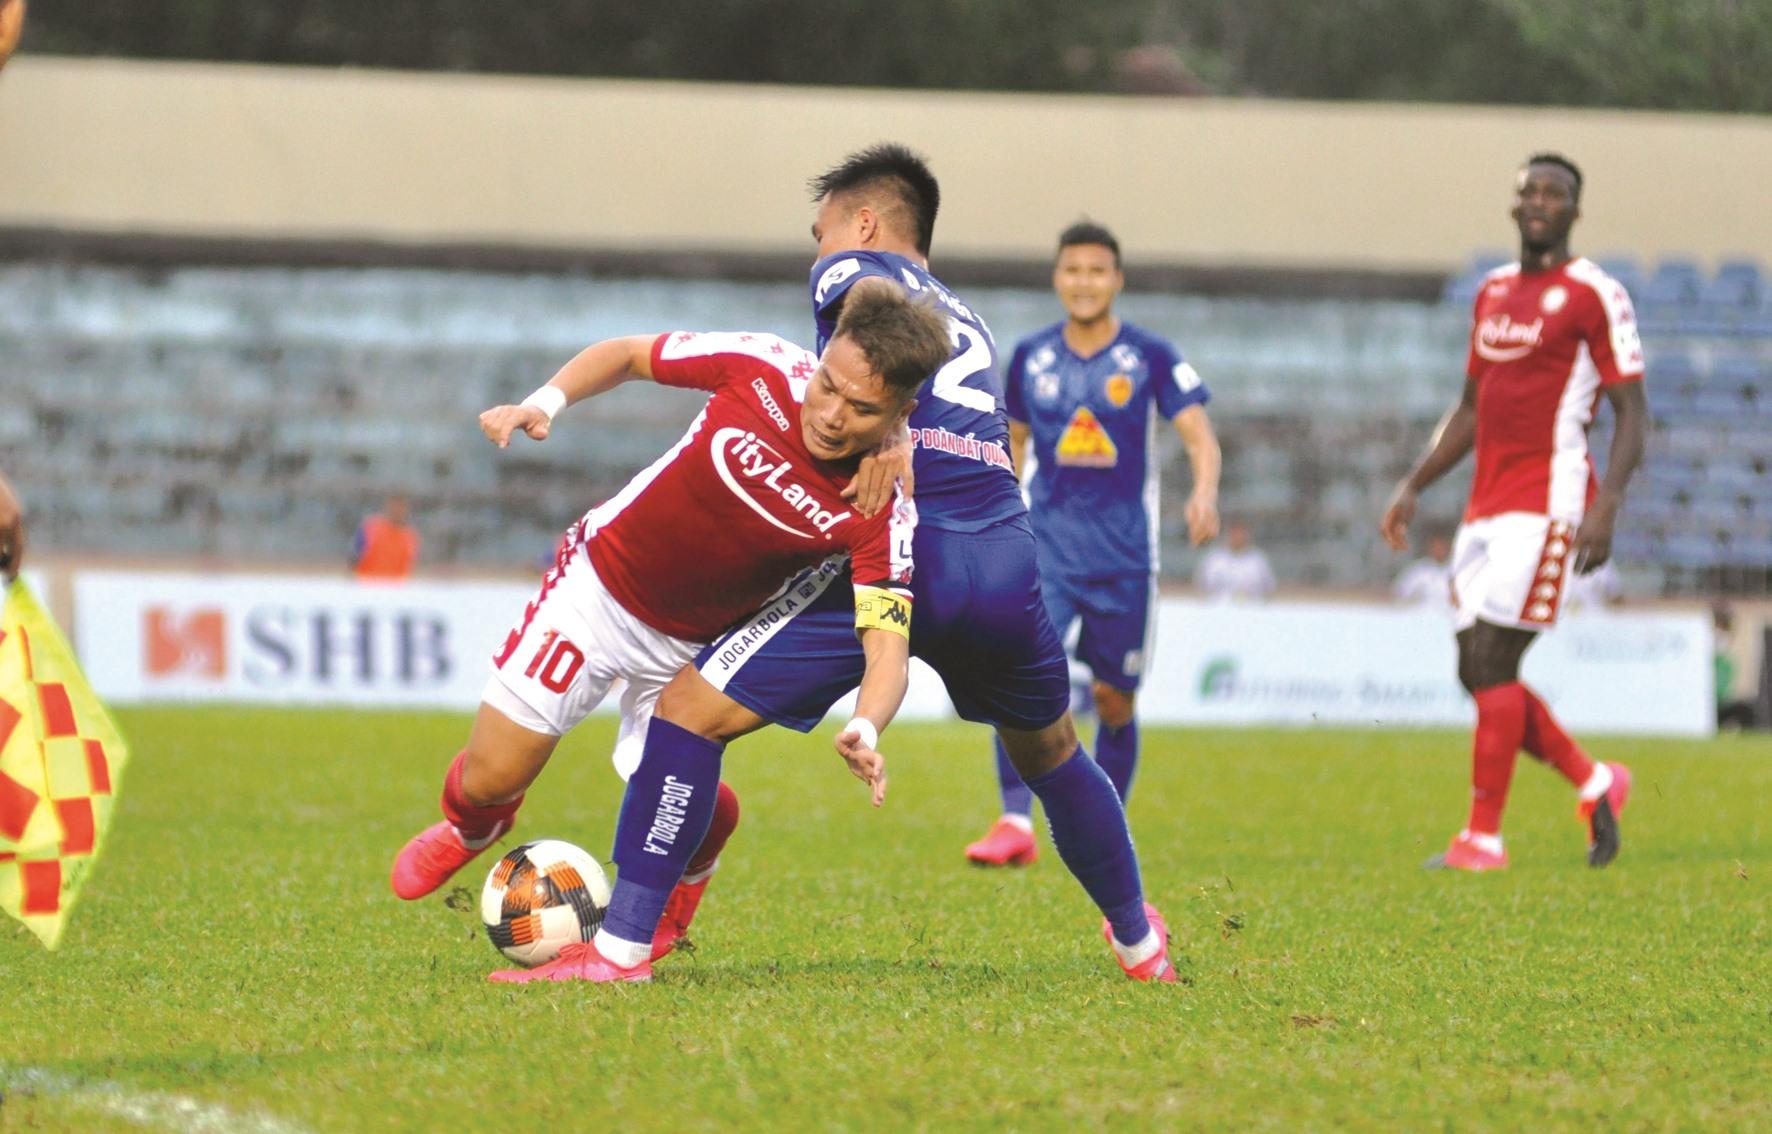 Thất bại trong trận ra quân song vẫn có những sự lạc quan cho Quảng Nam ở các trận đấu sắp tới. Ảnh: T.V